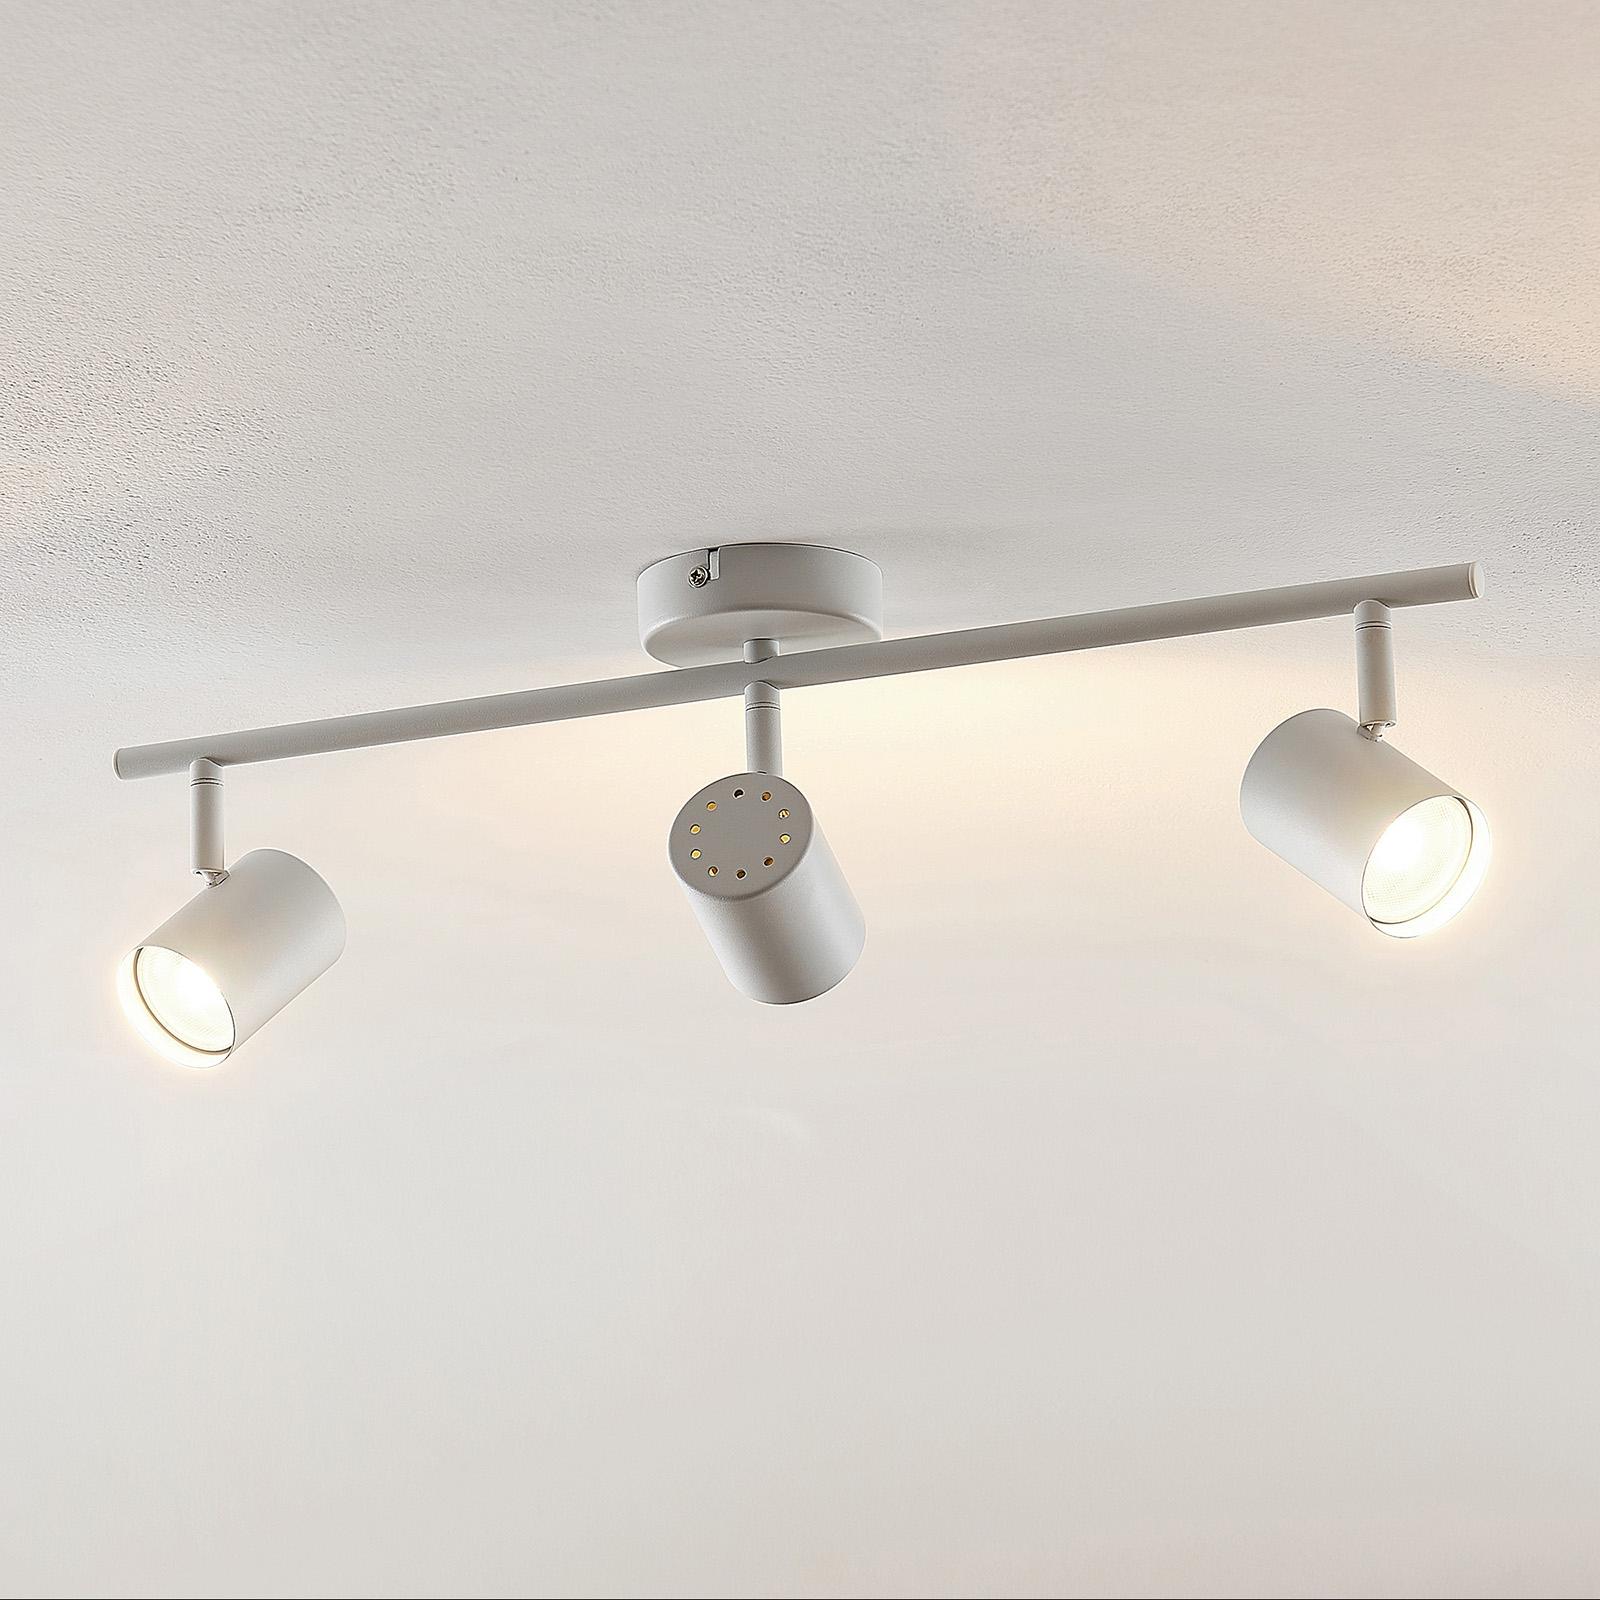 ELC Tomoki LED ceiling light, white, 3-bulb_9950862_1